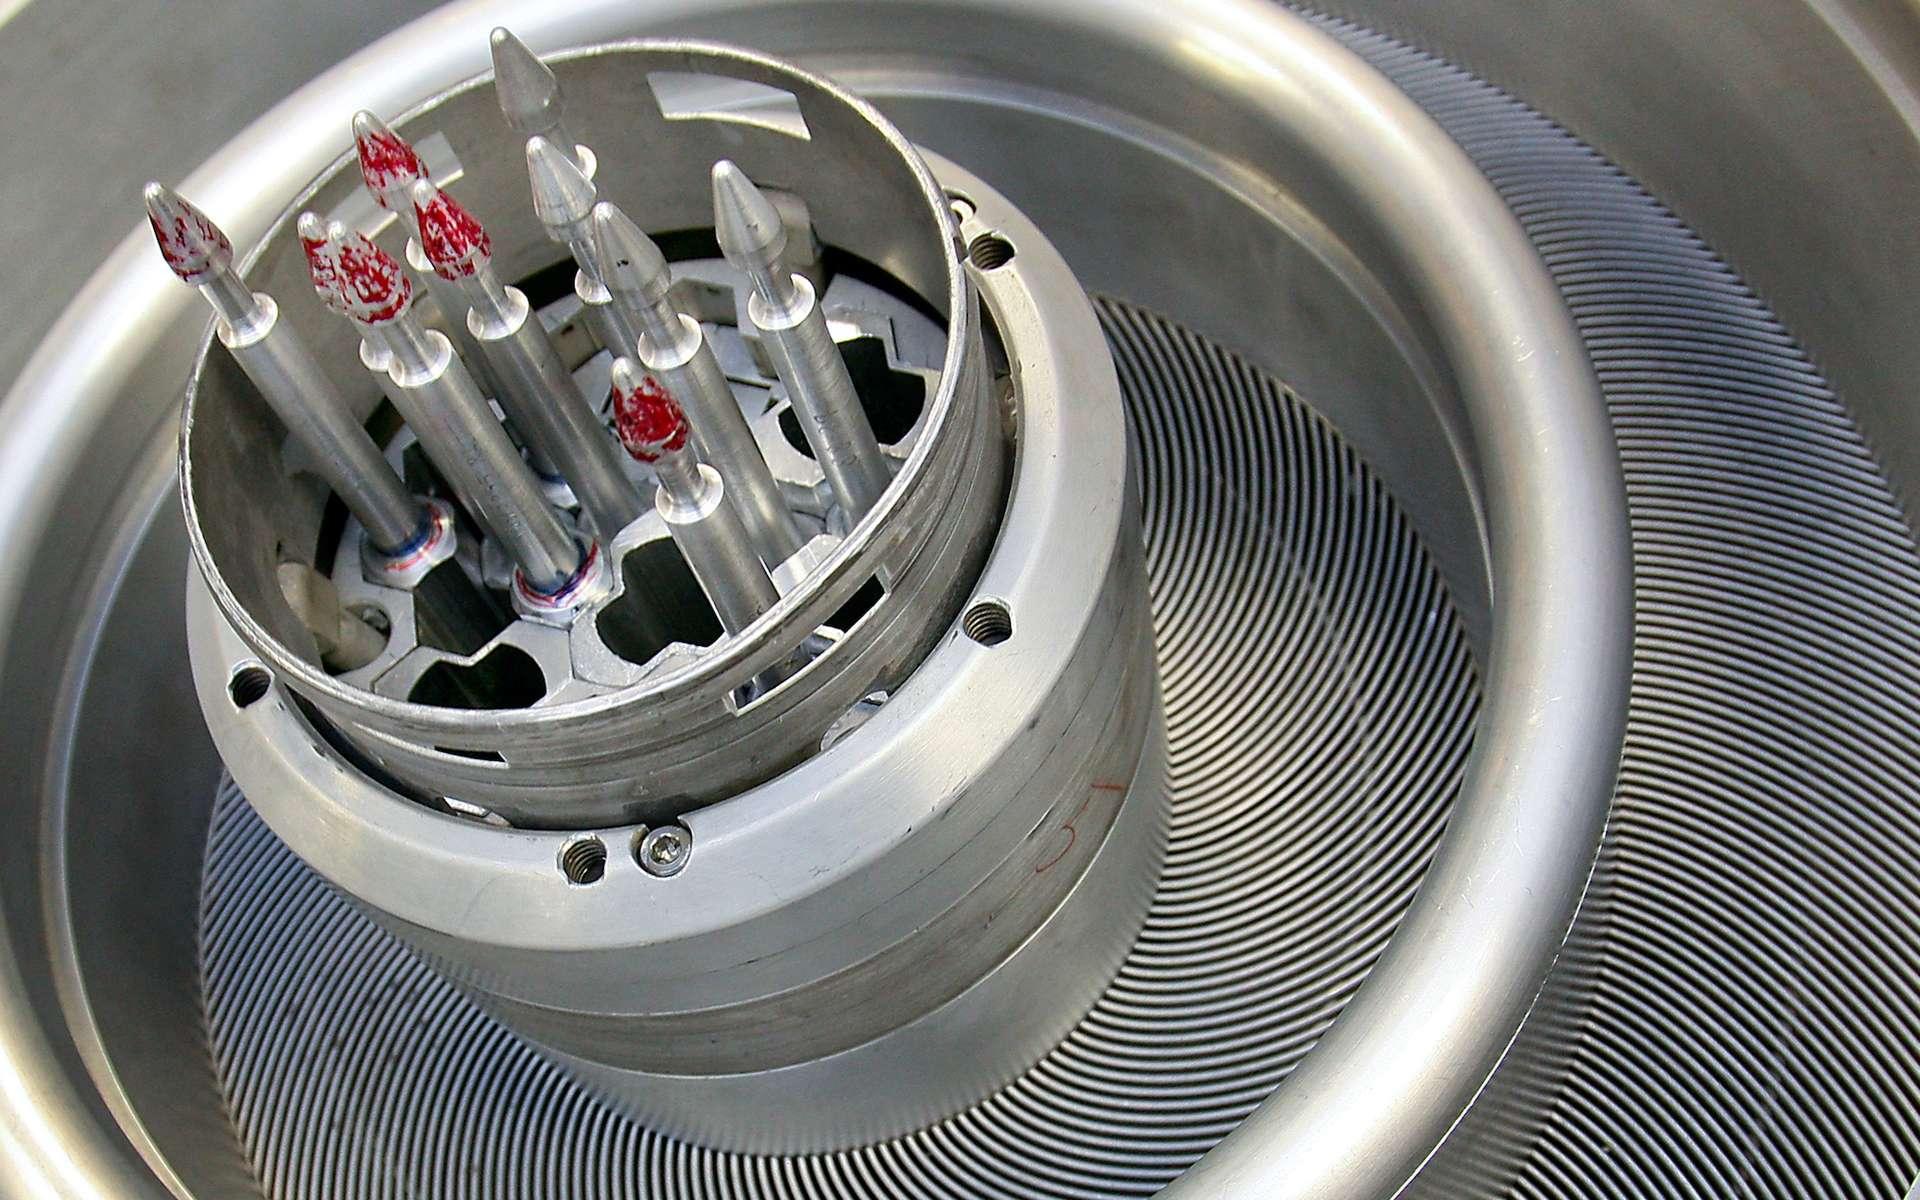 C'est dans ce piège de flux du réacteur à haut flux isotopique du Oak Ridge National Laboratory (États-Unis) que des cibles sont irradiées pour produire des isotopes comme le californium 252. © Oak Ridge National Laboratory, Flickr, CC by-nc-nd 2.0